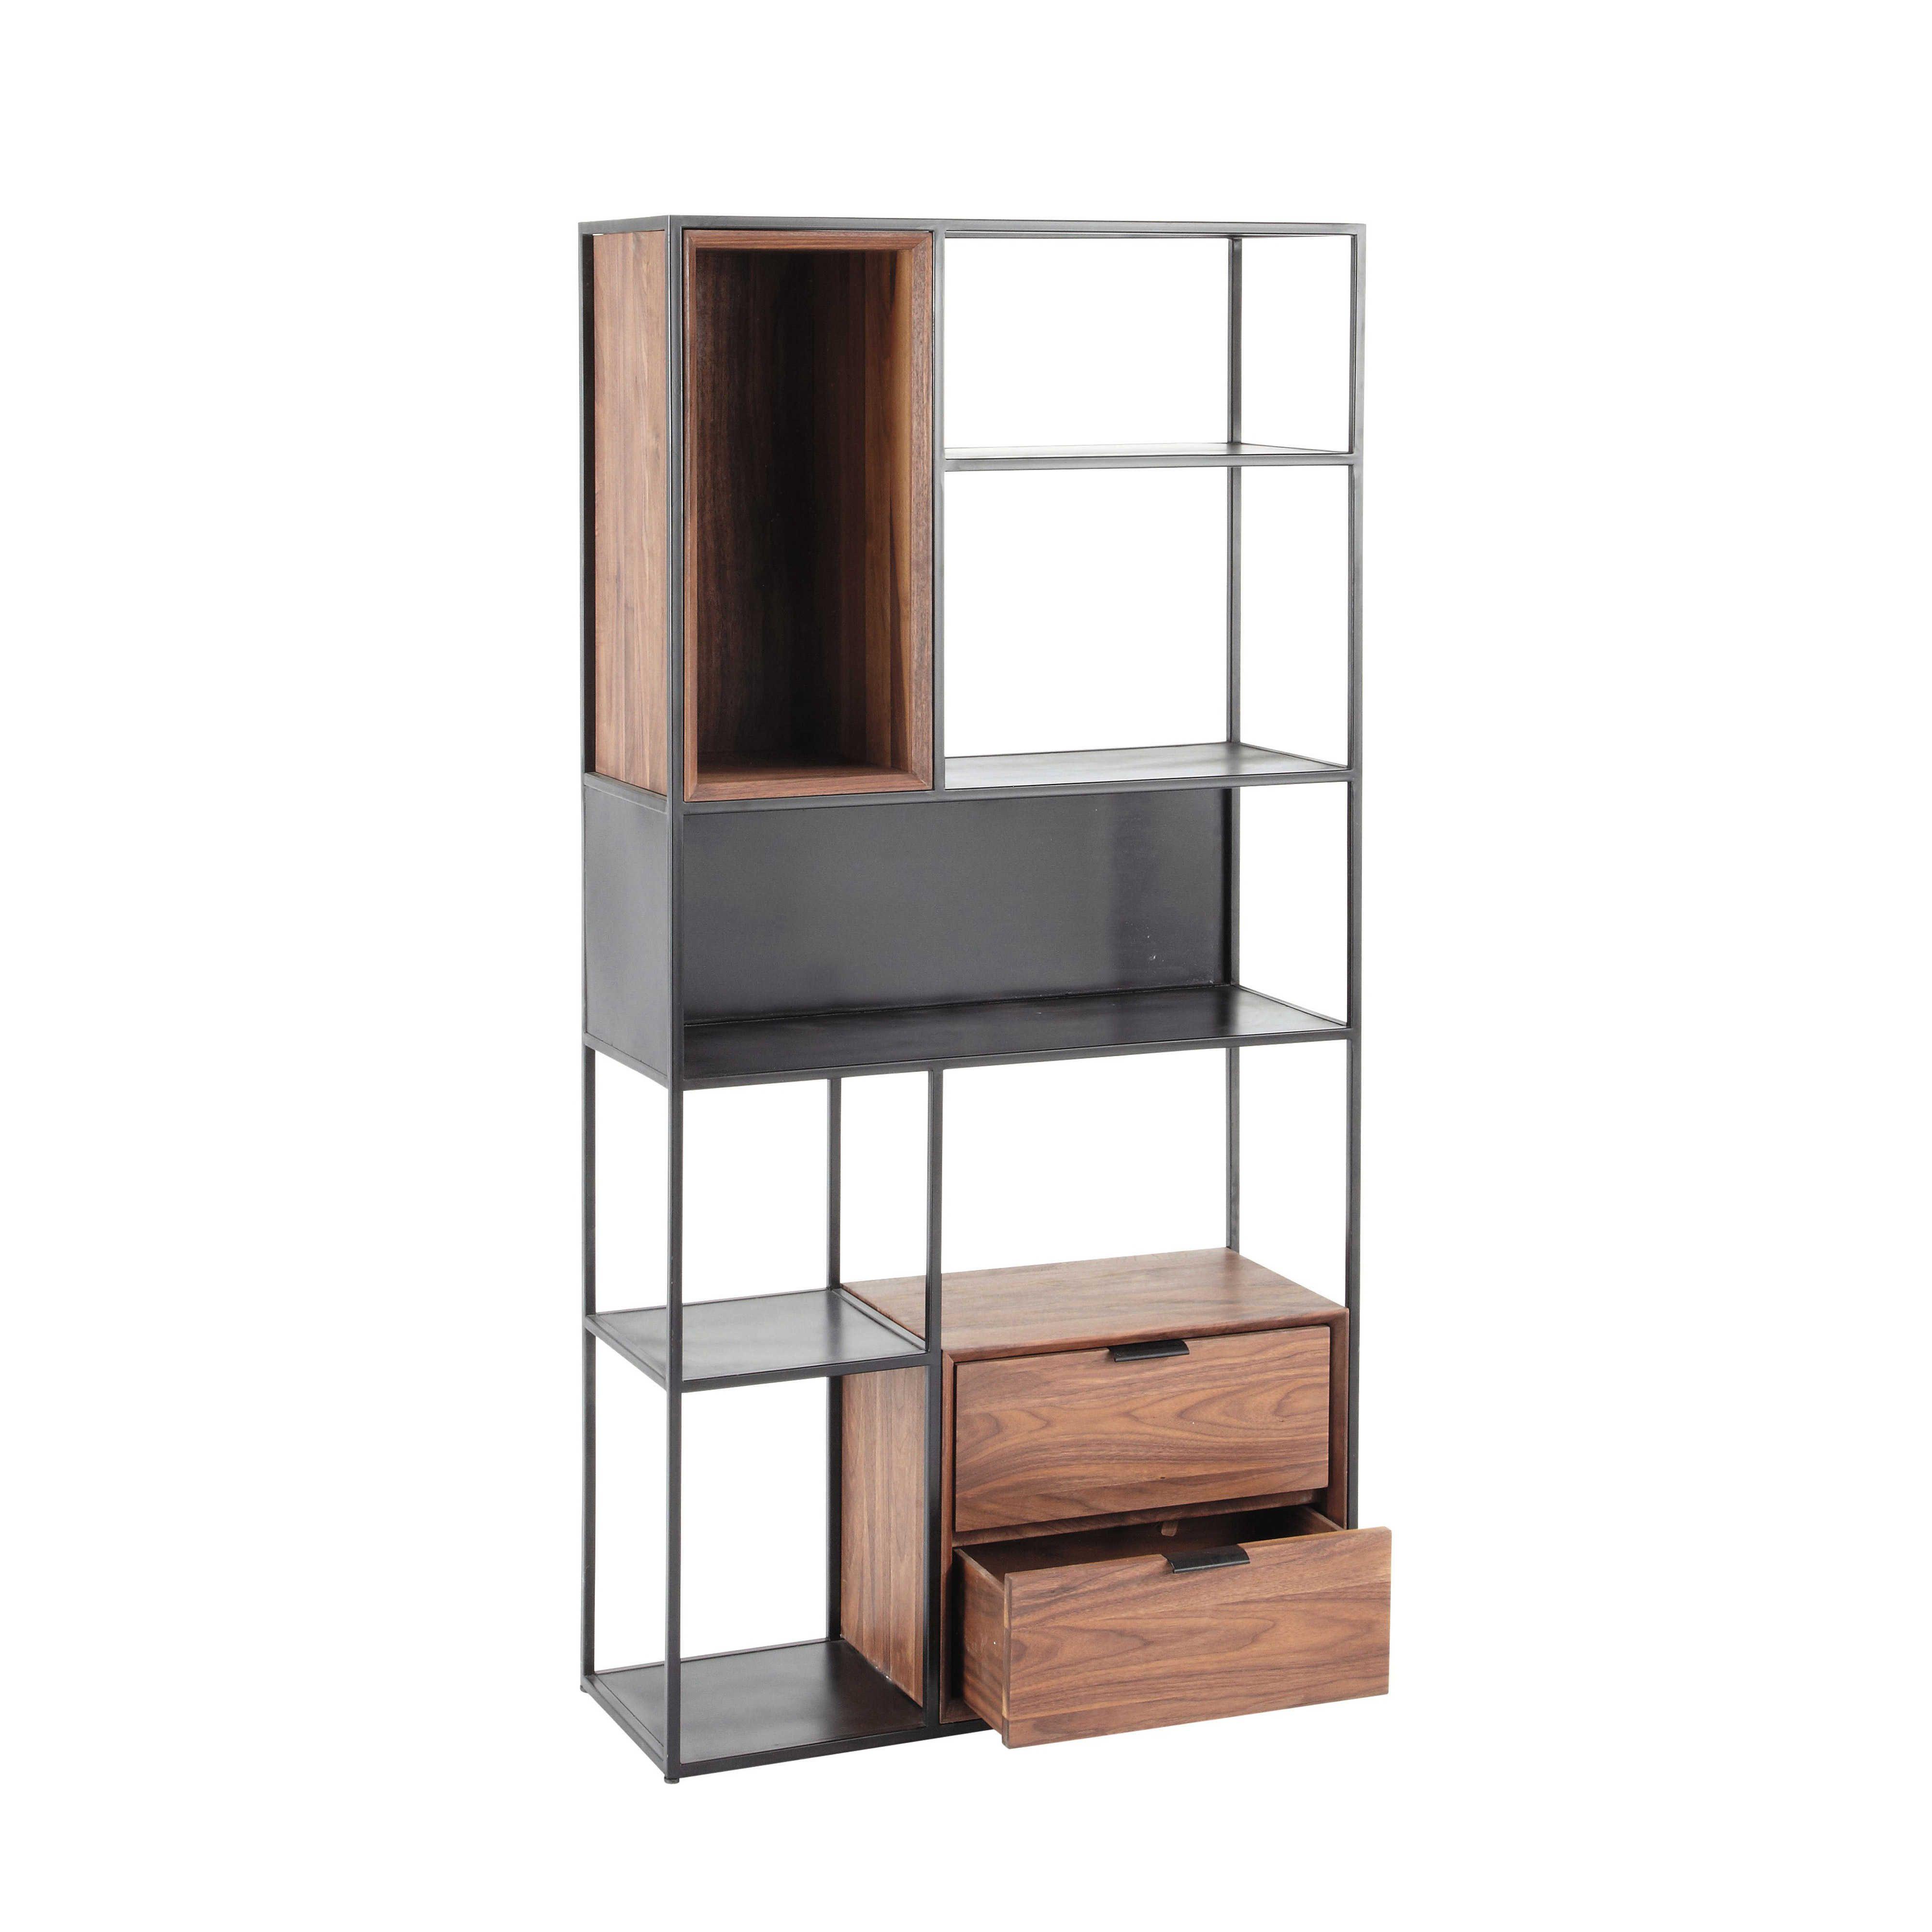 Libreria Industriale In Metallo Nera L 90 Cm Berkley -